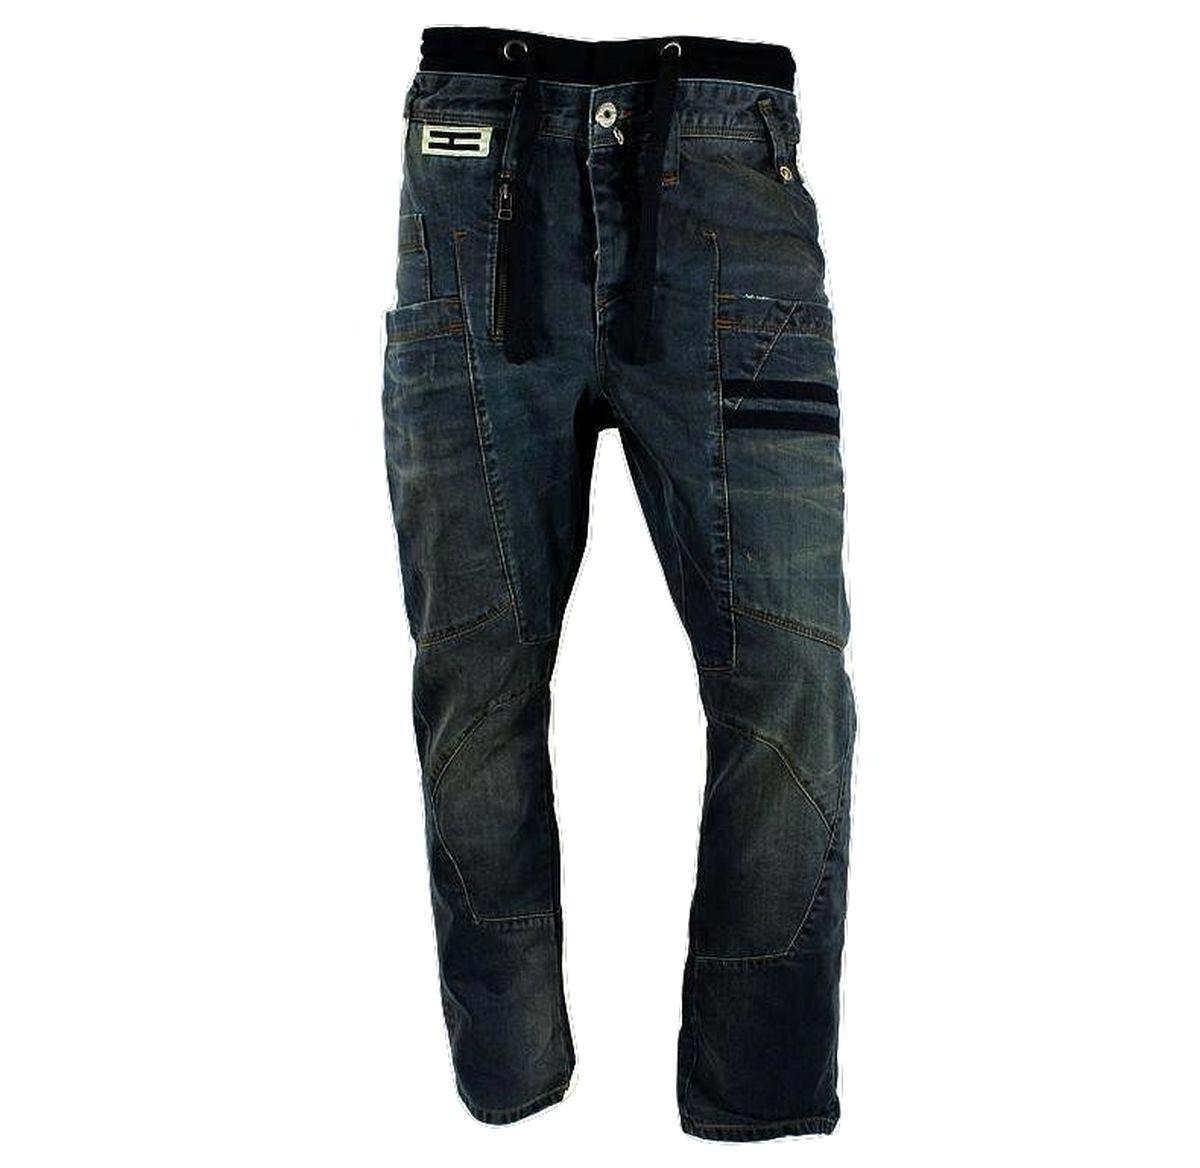 Acton Délavé Jeans Carotte Coupe Henleys Homme pWOfBnR